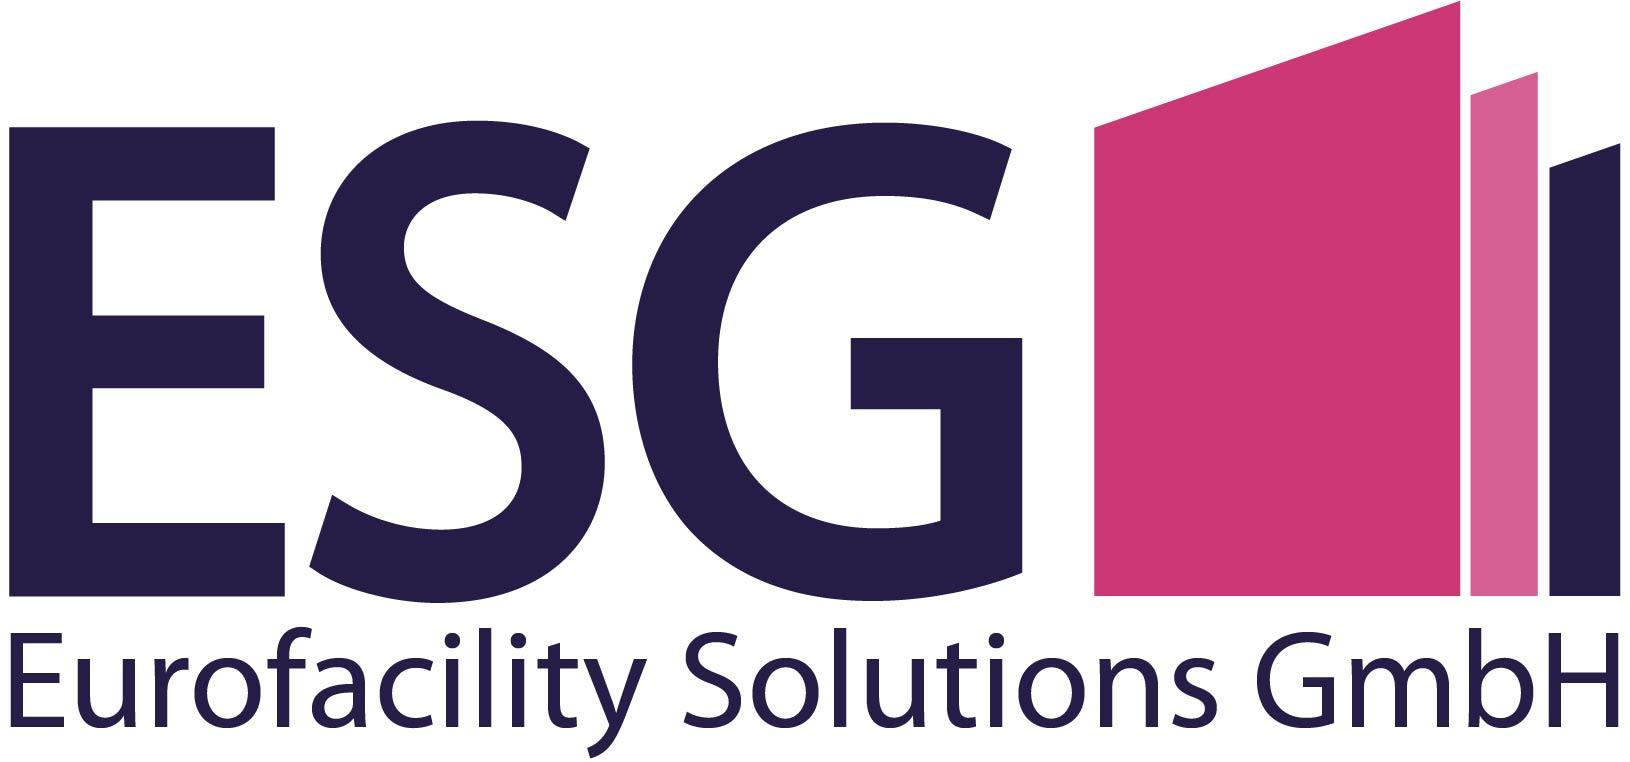 ESG – Eurofacility Solutions GmbH